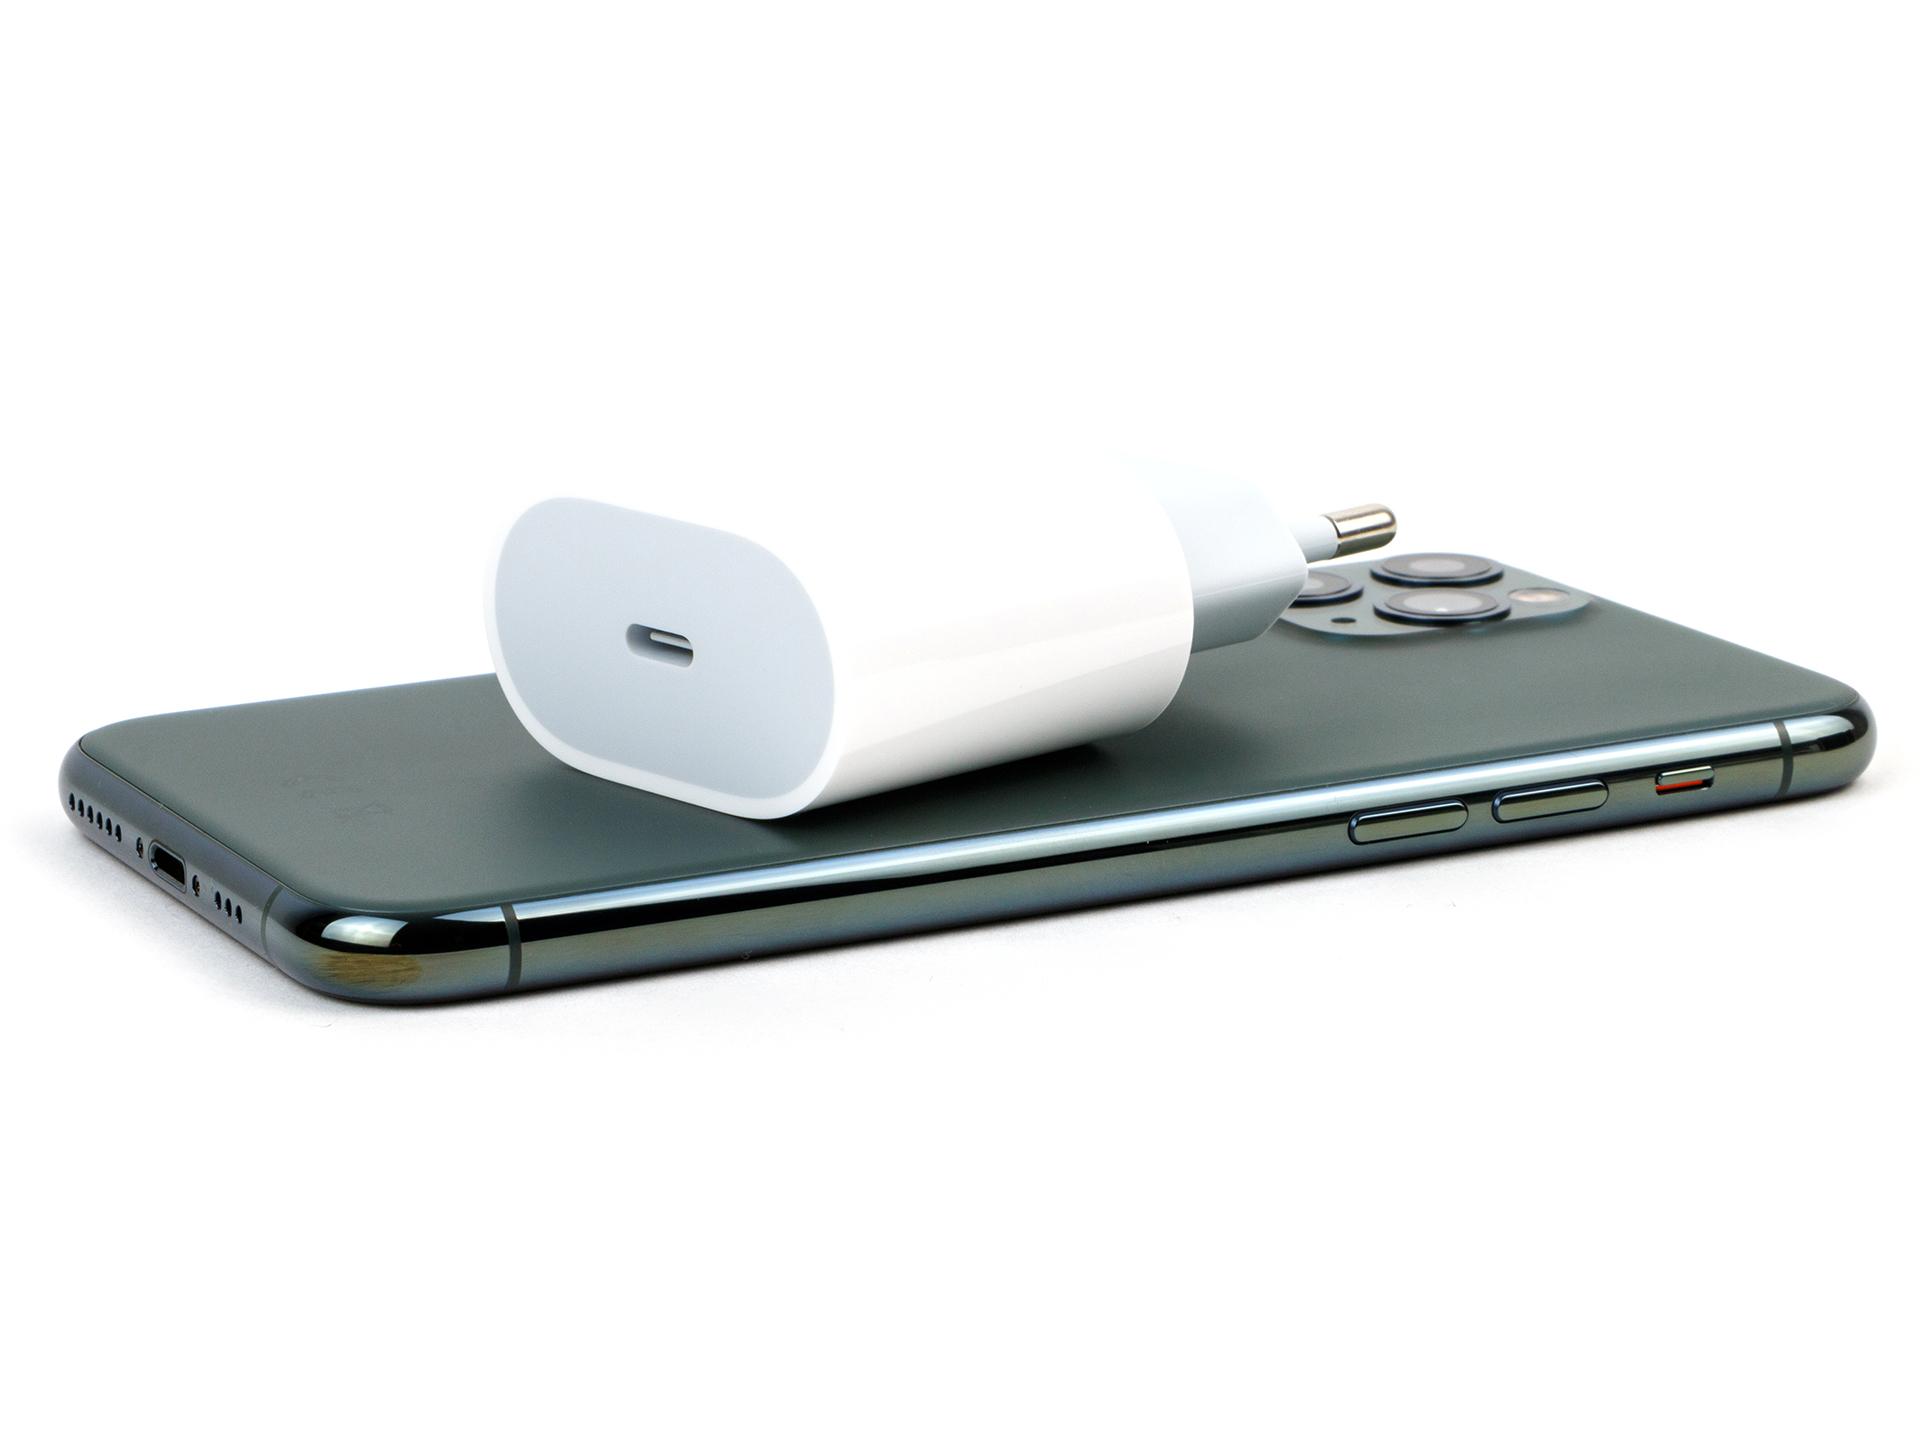 Iphone Headphone Jack Wiring Diagram Likewise 3 5 Mm Headphone Jack